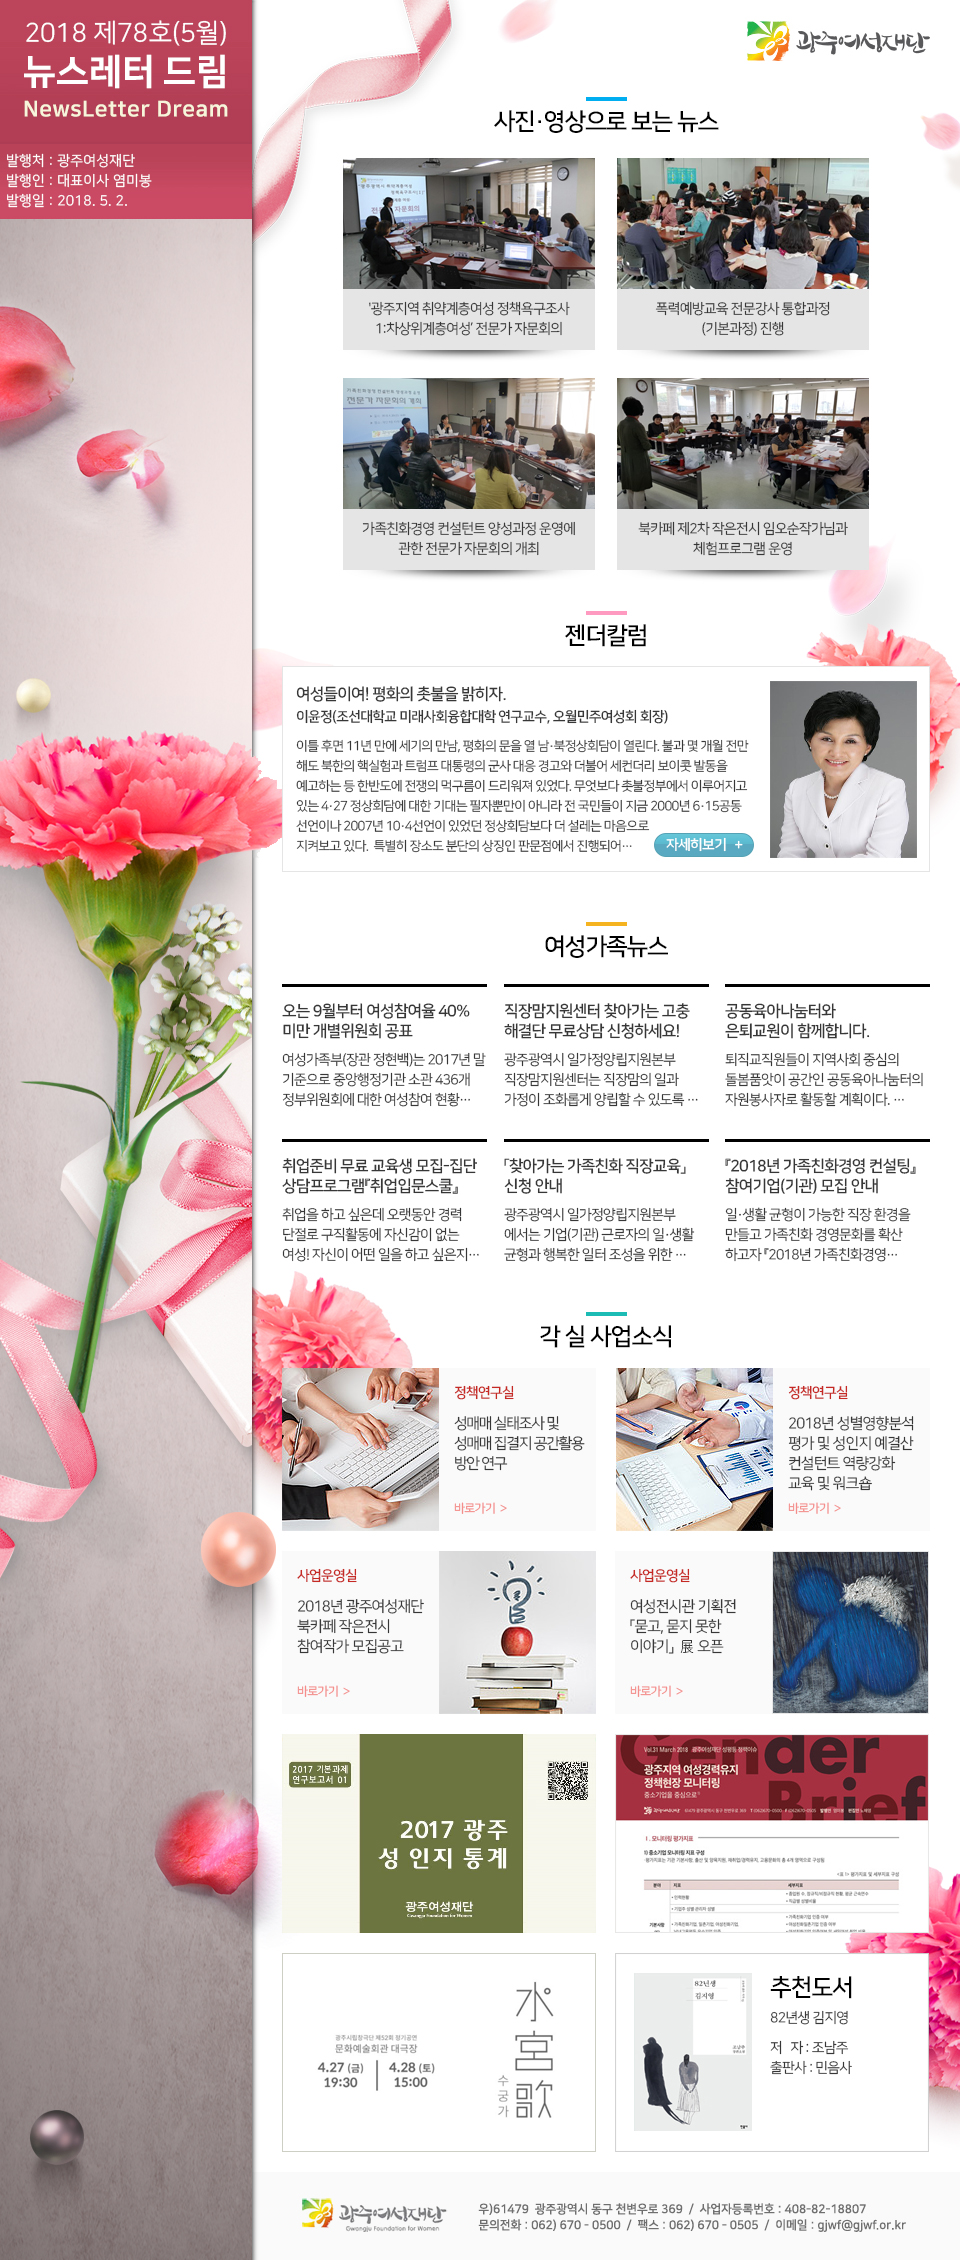 뉴스레터 드림 78호(18.05월) 썸네일